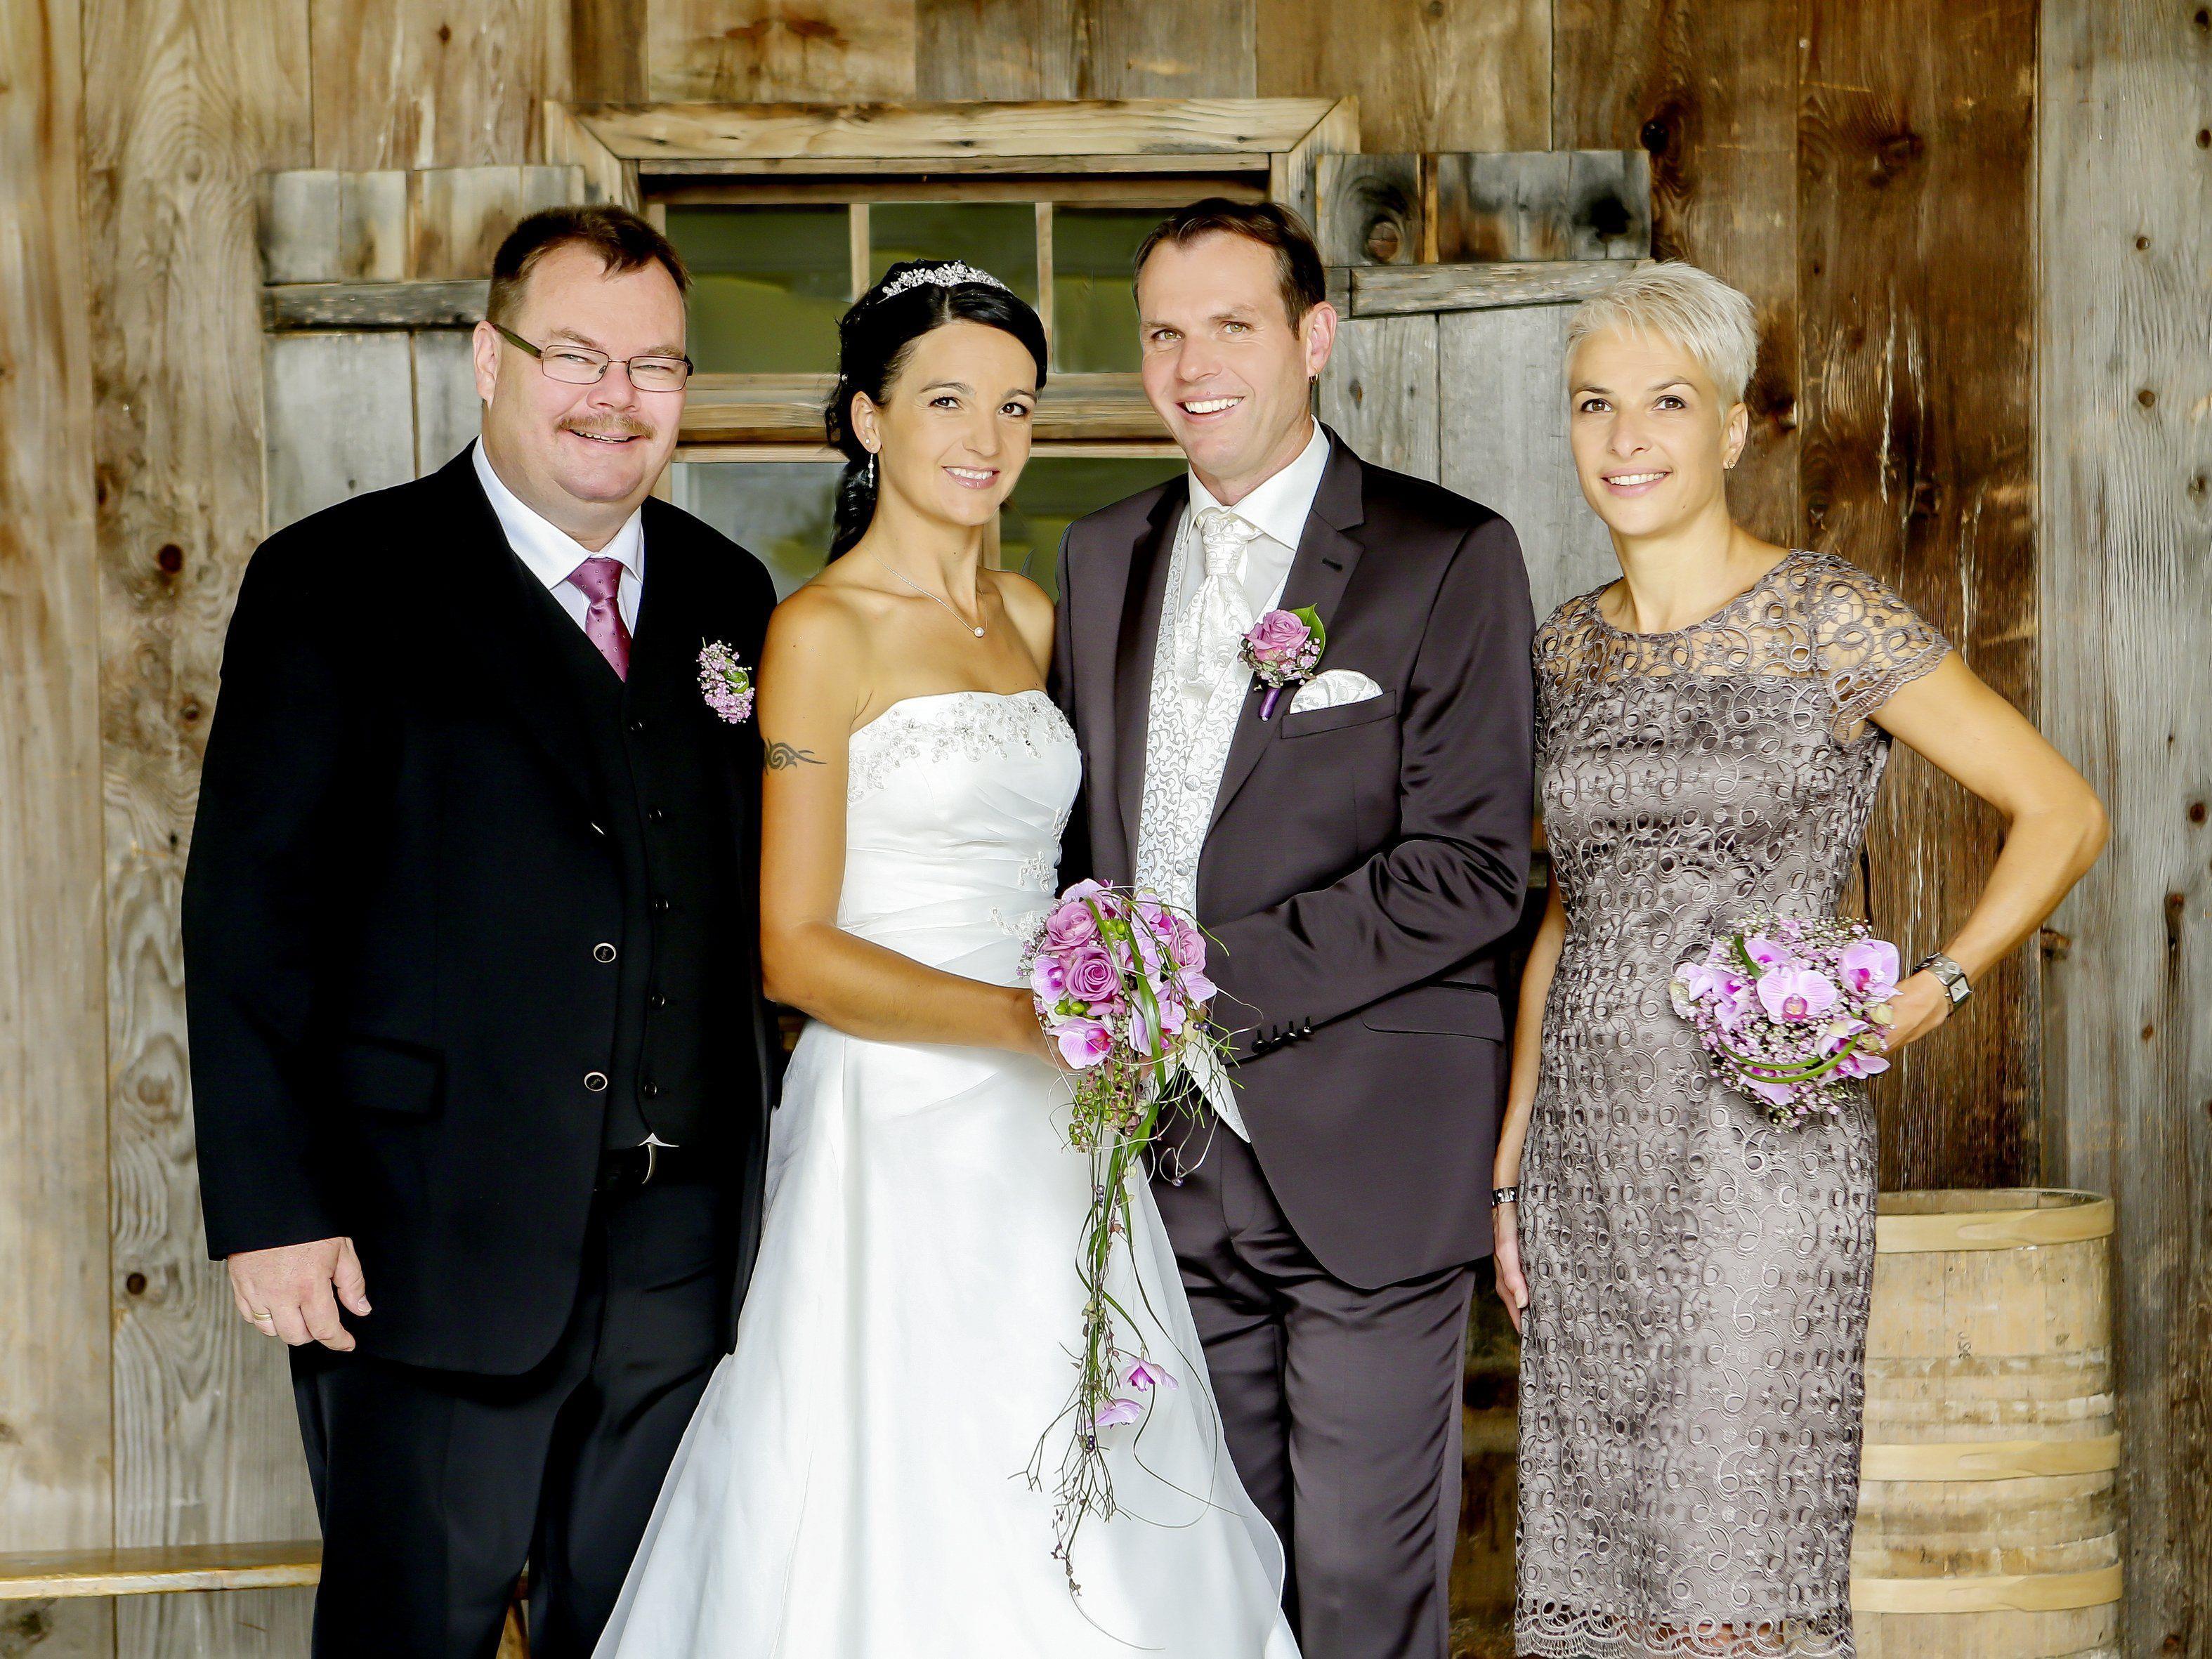 Bianka und Gottlieb Hartmann haben in der Kirche Düns geheiratet